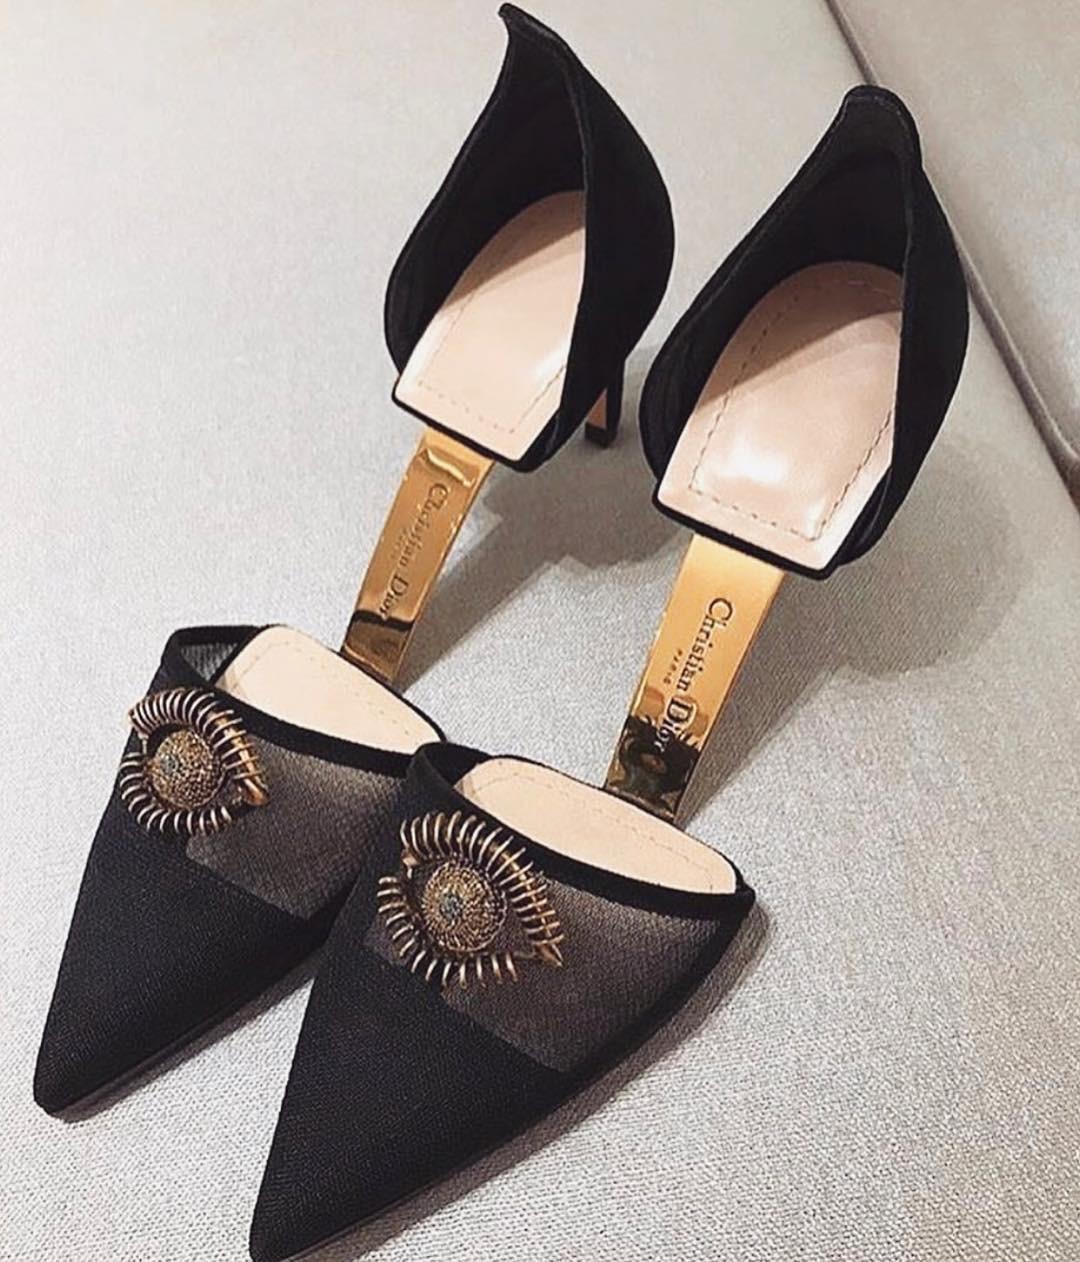 Nếu Dior ra mẫu cao gót mới này, liệu bạn có dám đi thử? - Ảnh 2.